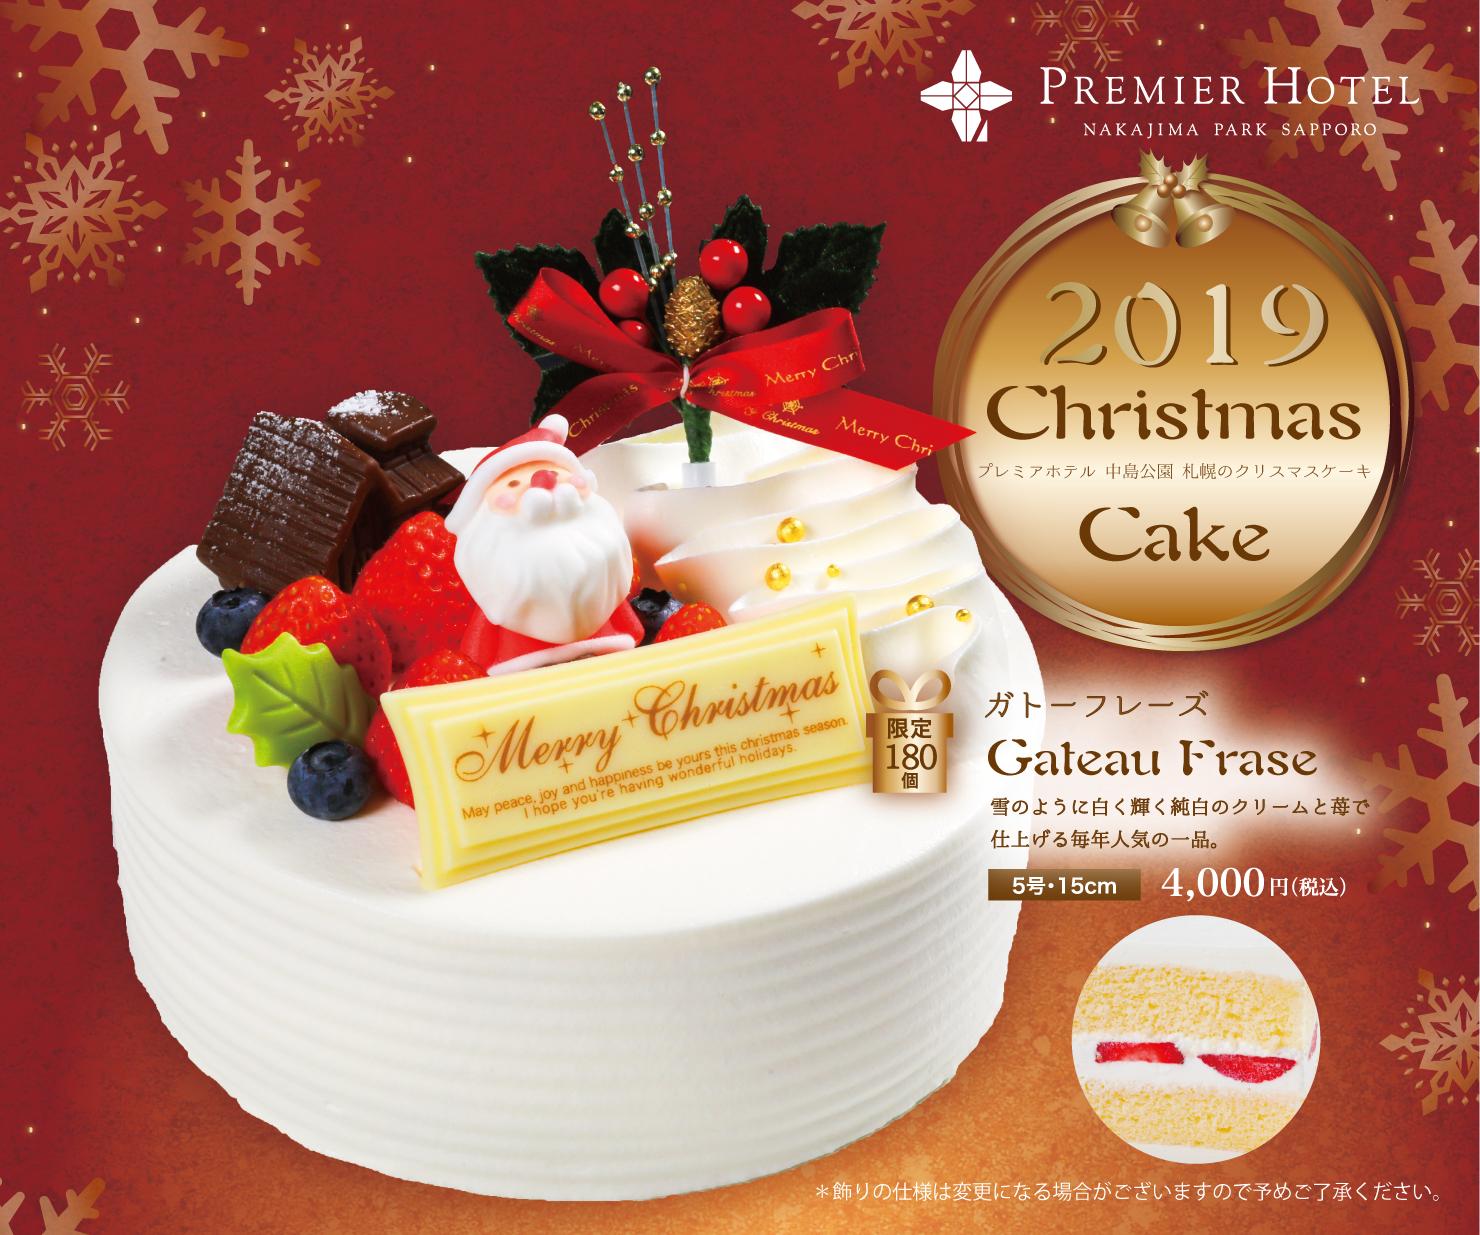 クリスマスケーキ2019-ガトーフレーズ